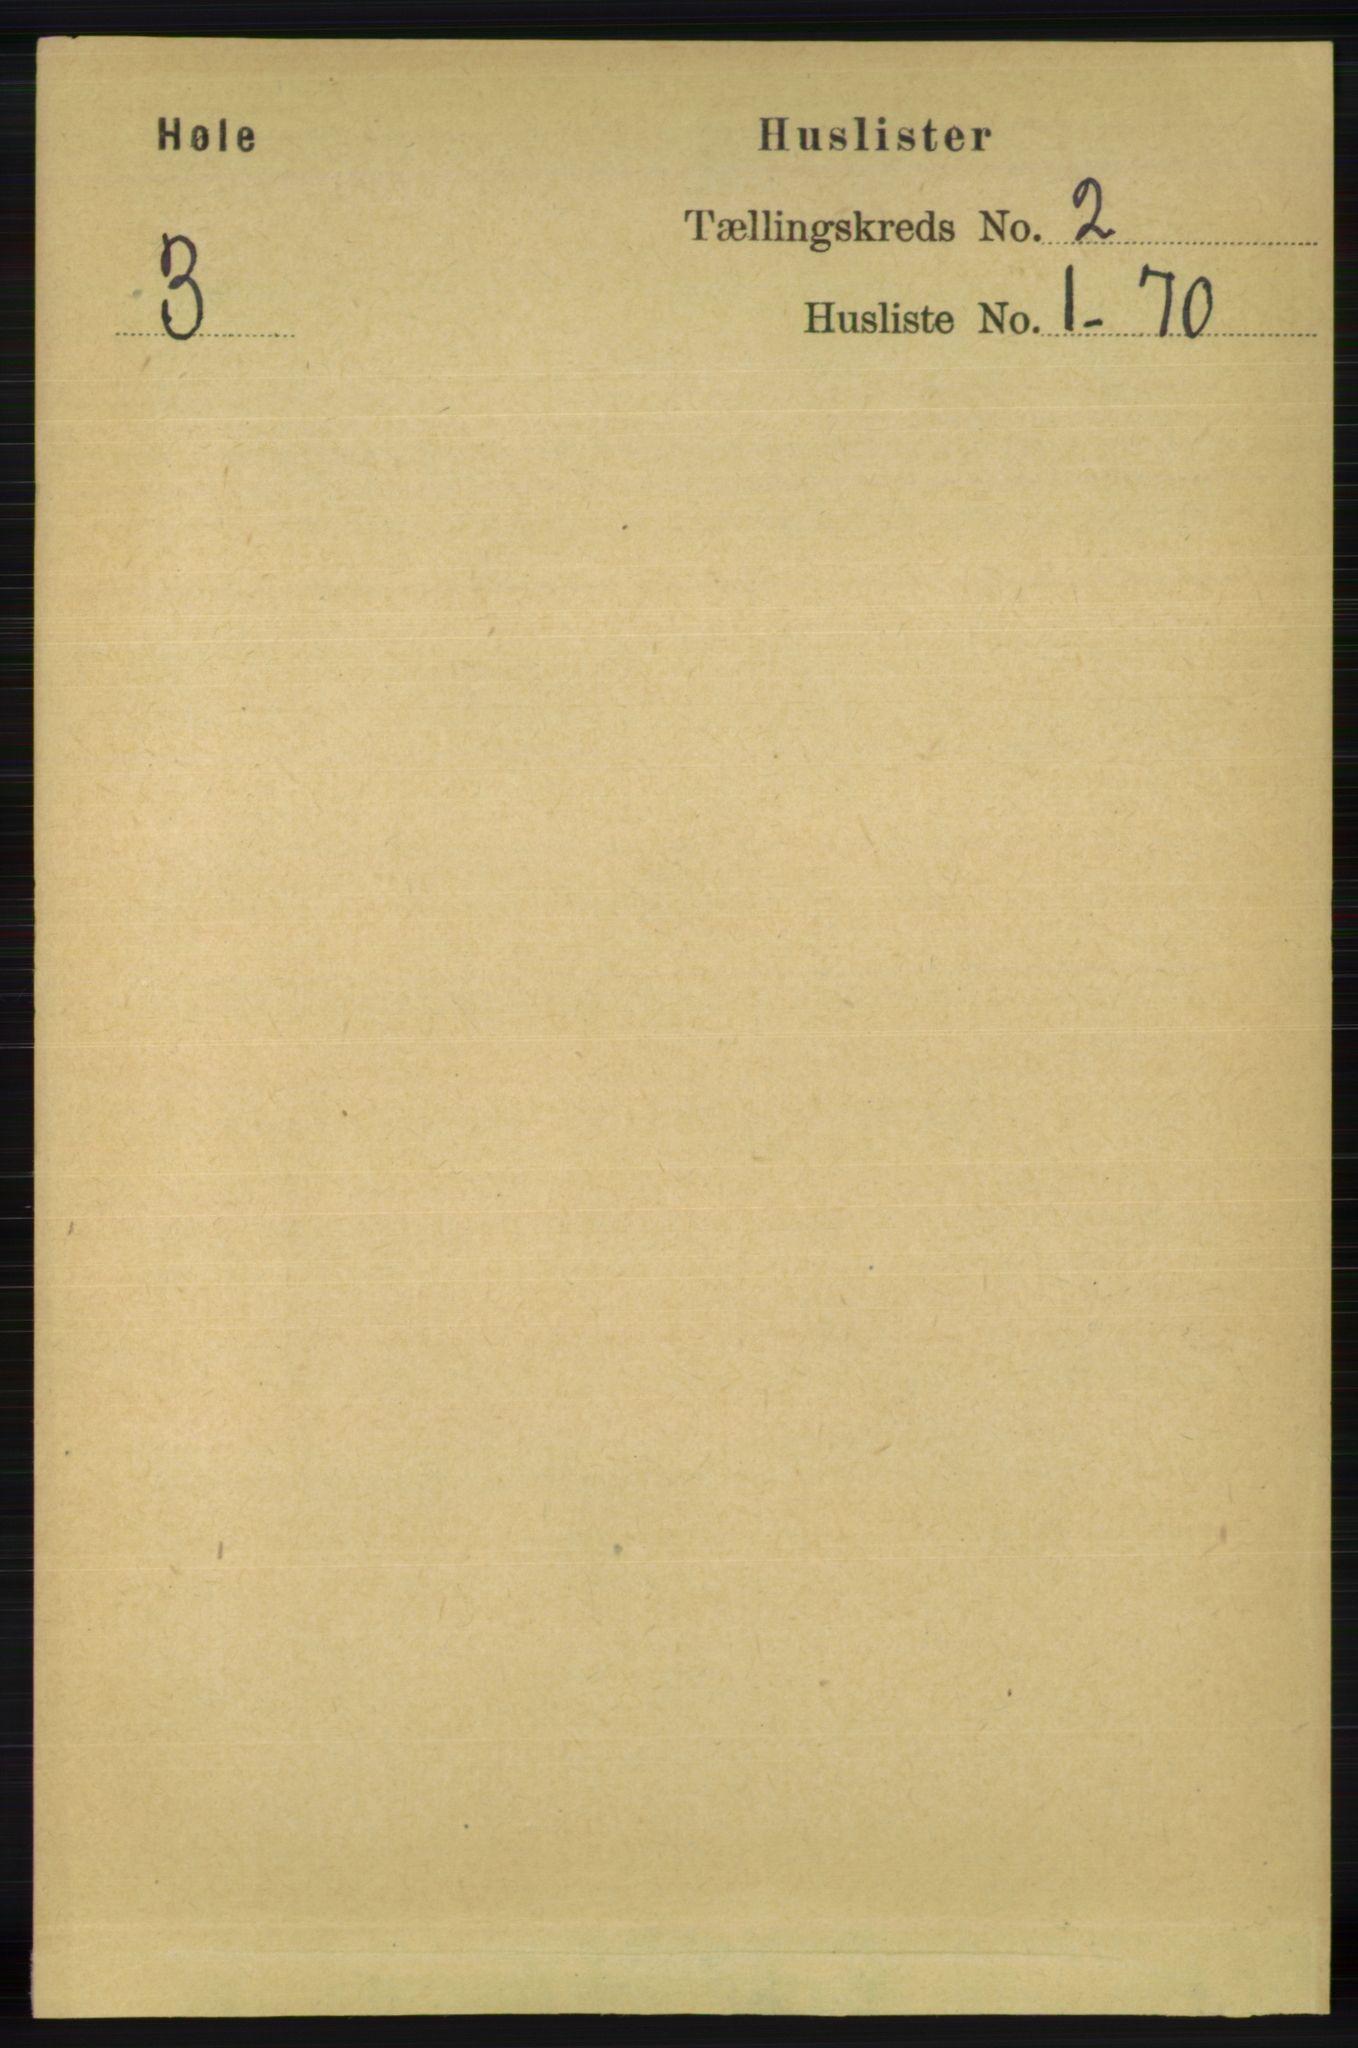 RA, Folketelling 1891 for 1128 Høle herred, 1891, s. 146